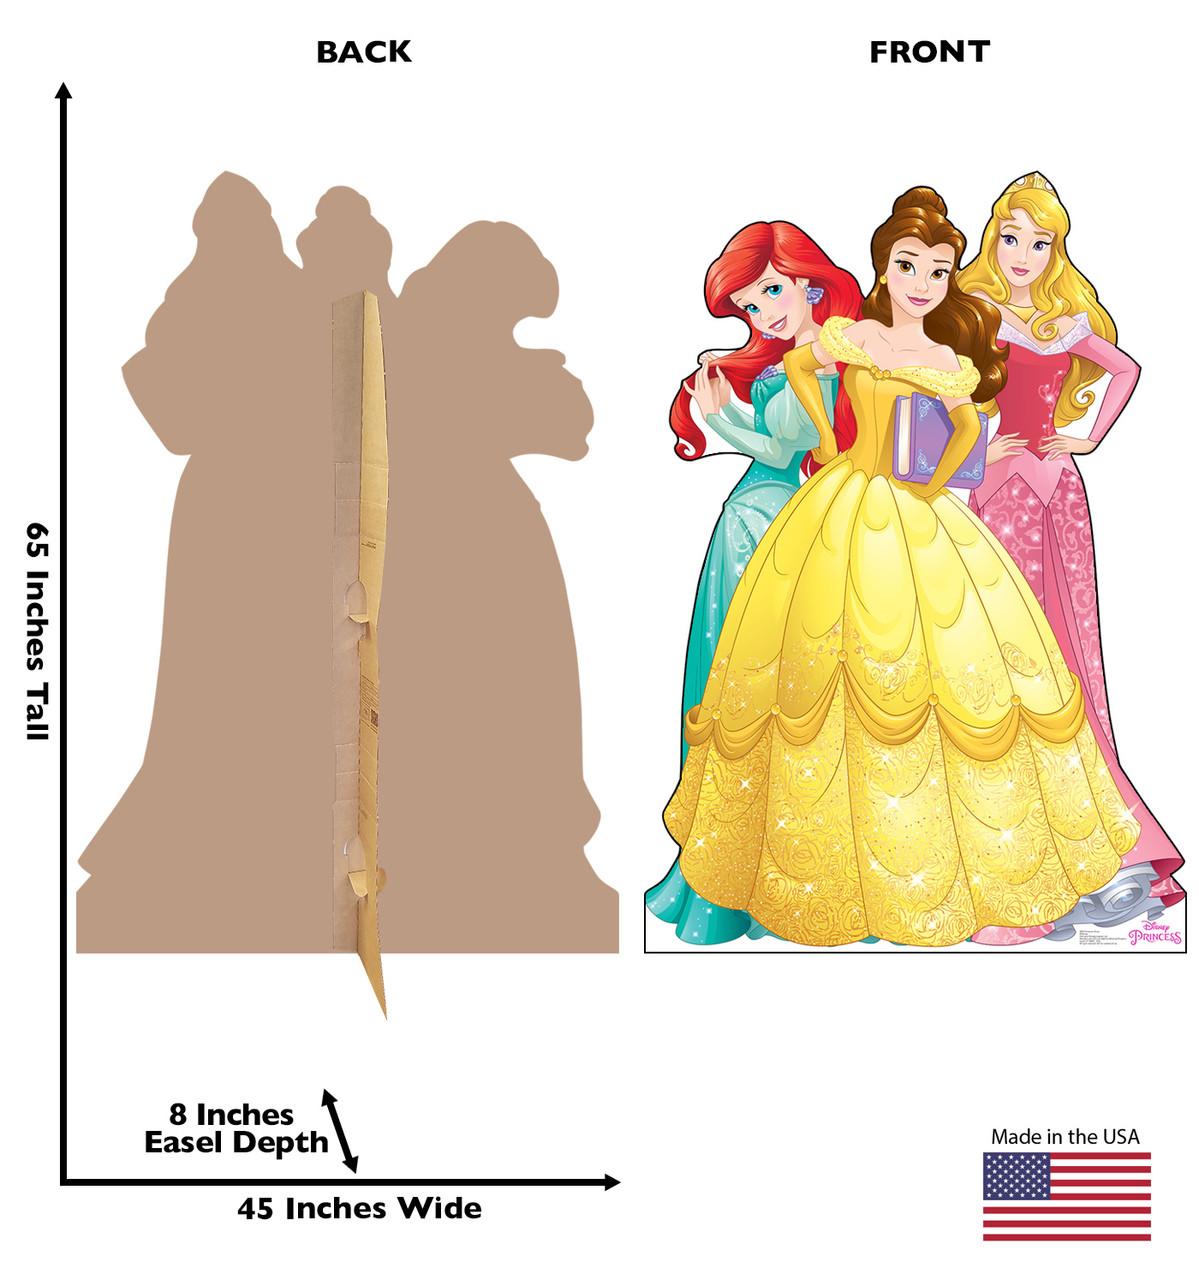 Disney Princess Group - Cardboard Cutout 2210